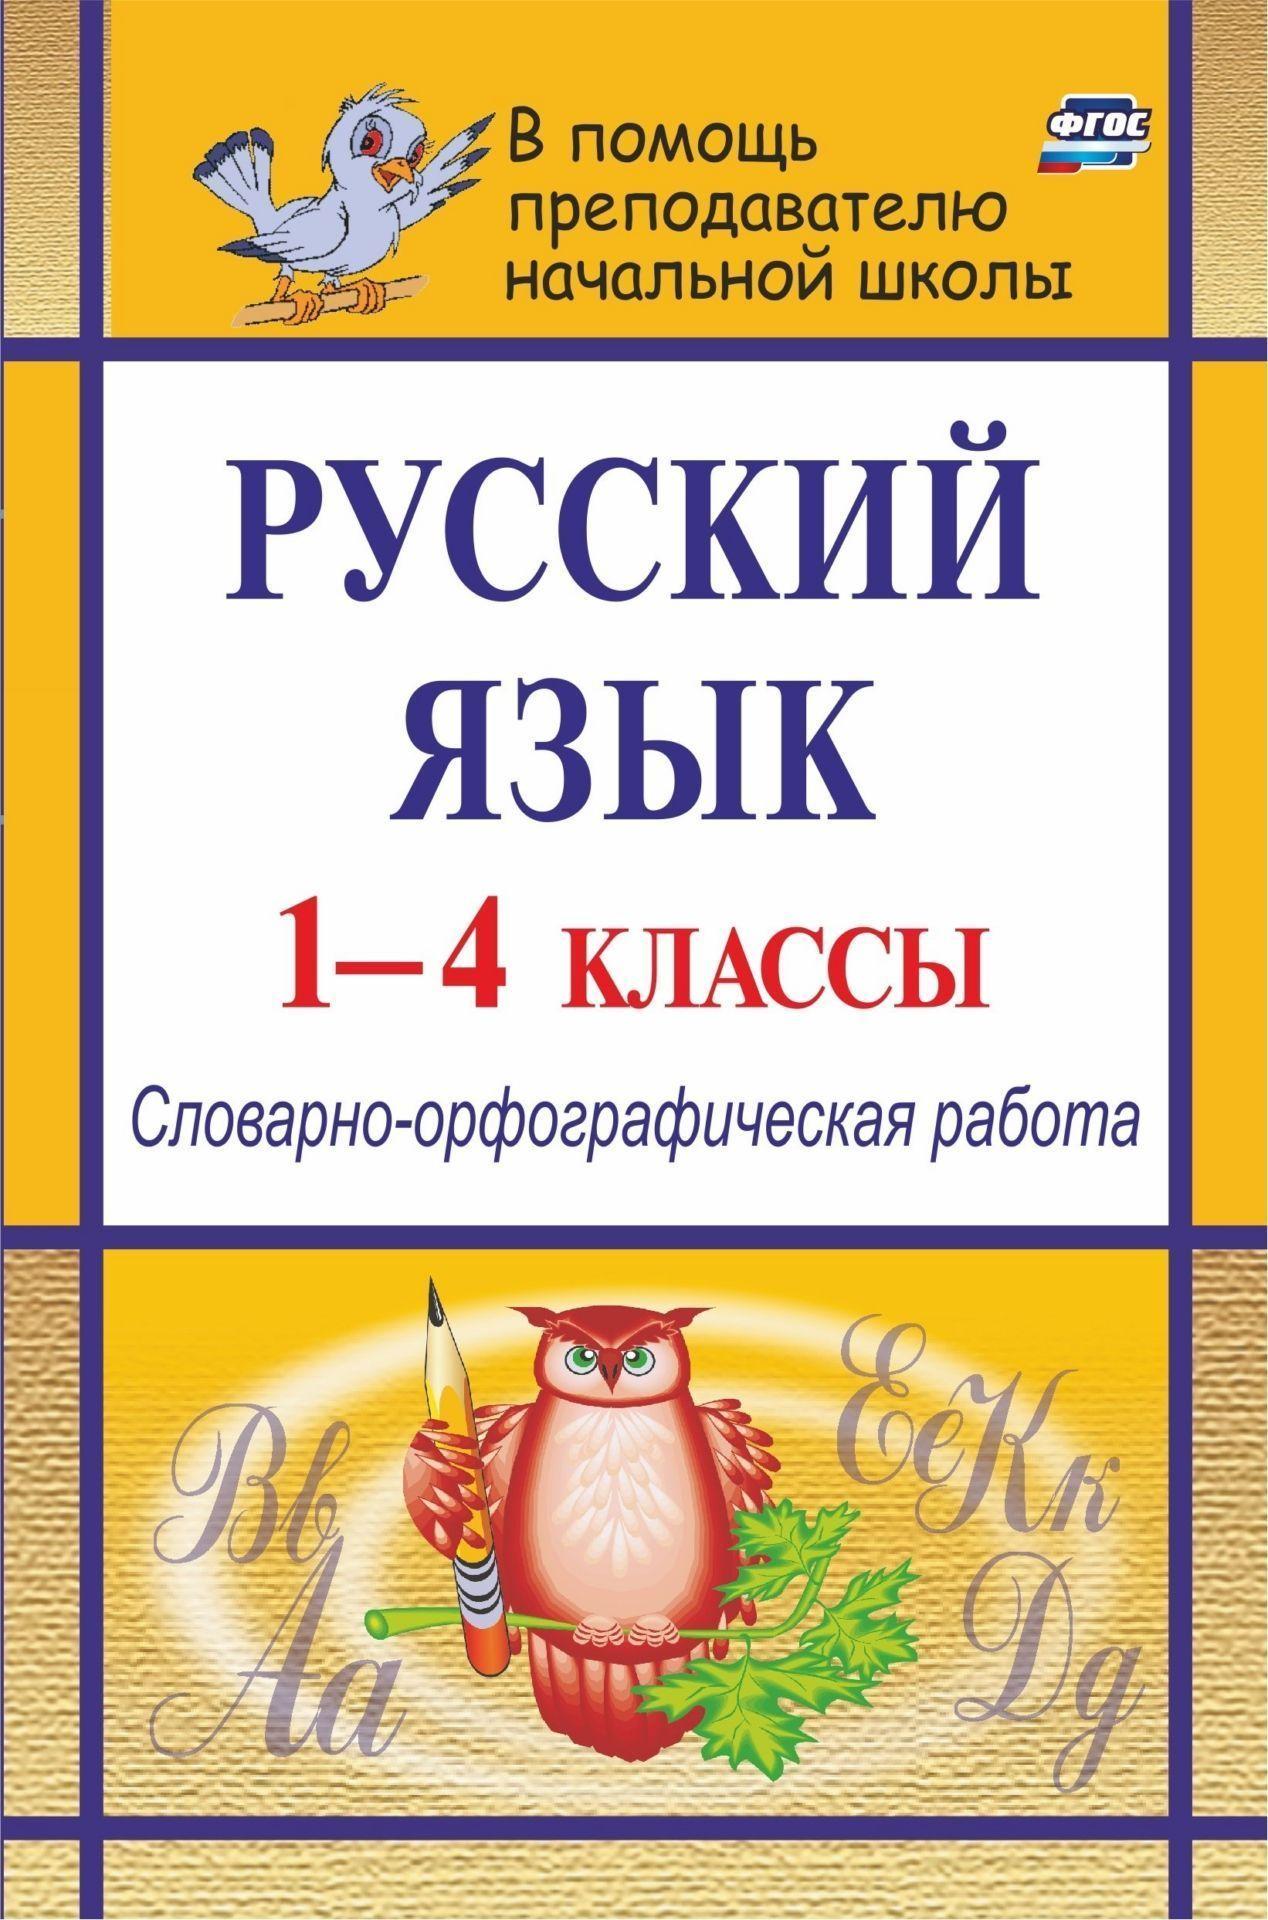 Купить со скидкой Русский язык. 1-4 классы: словарно-орфографическая работа